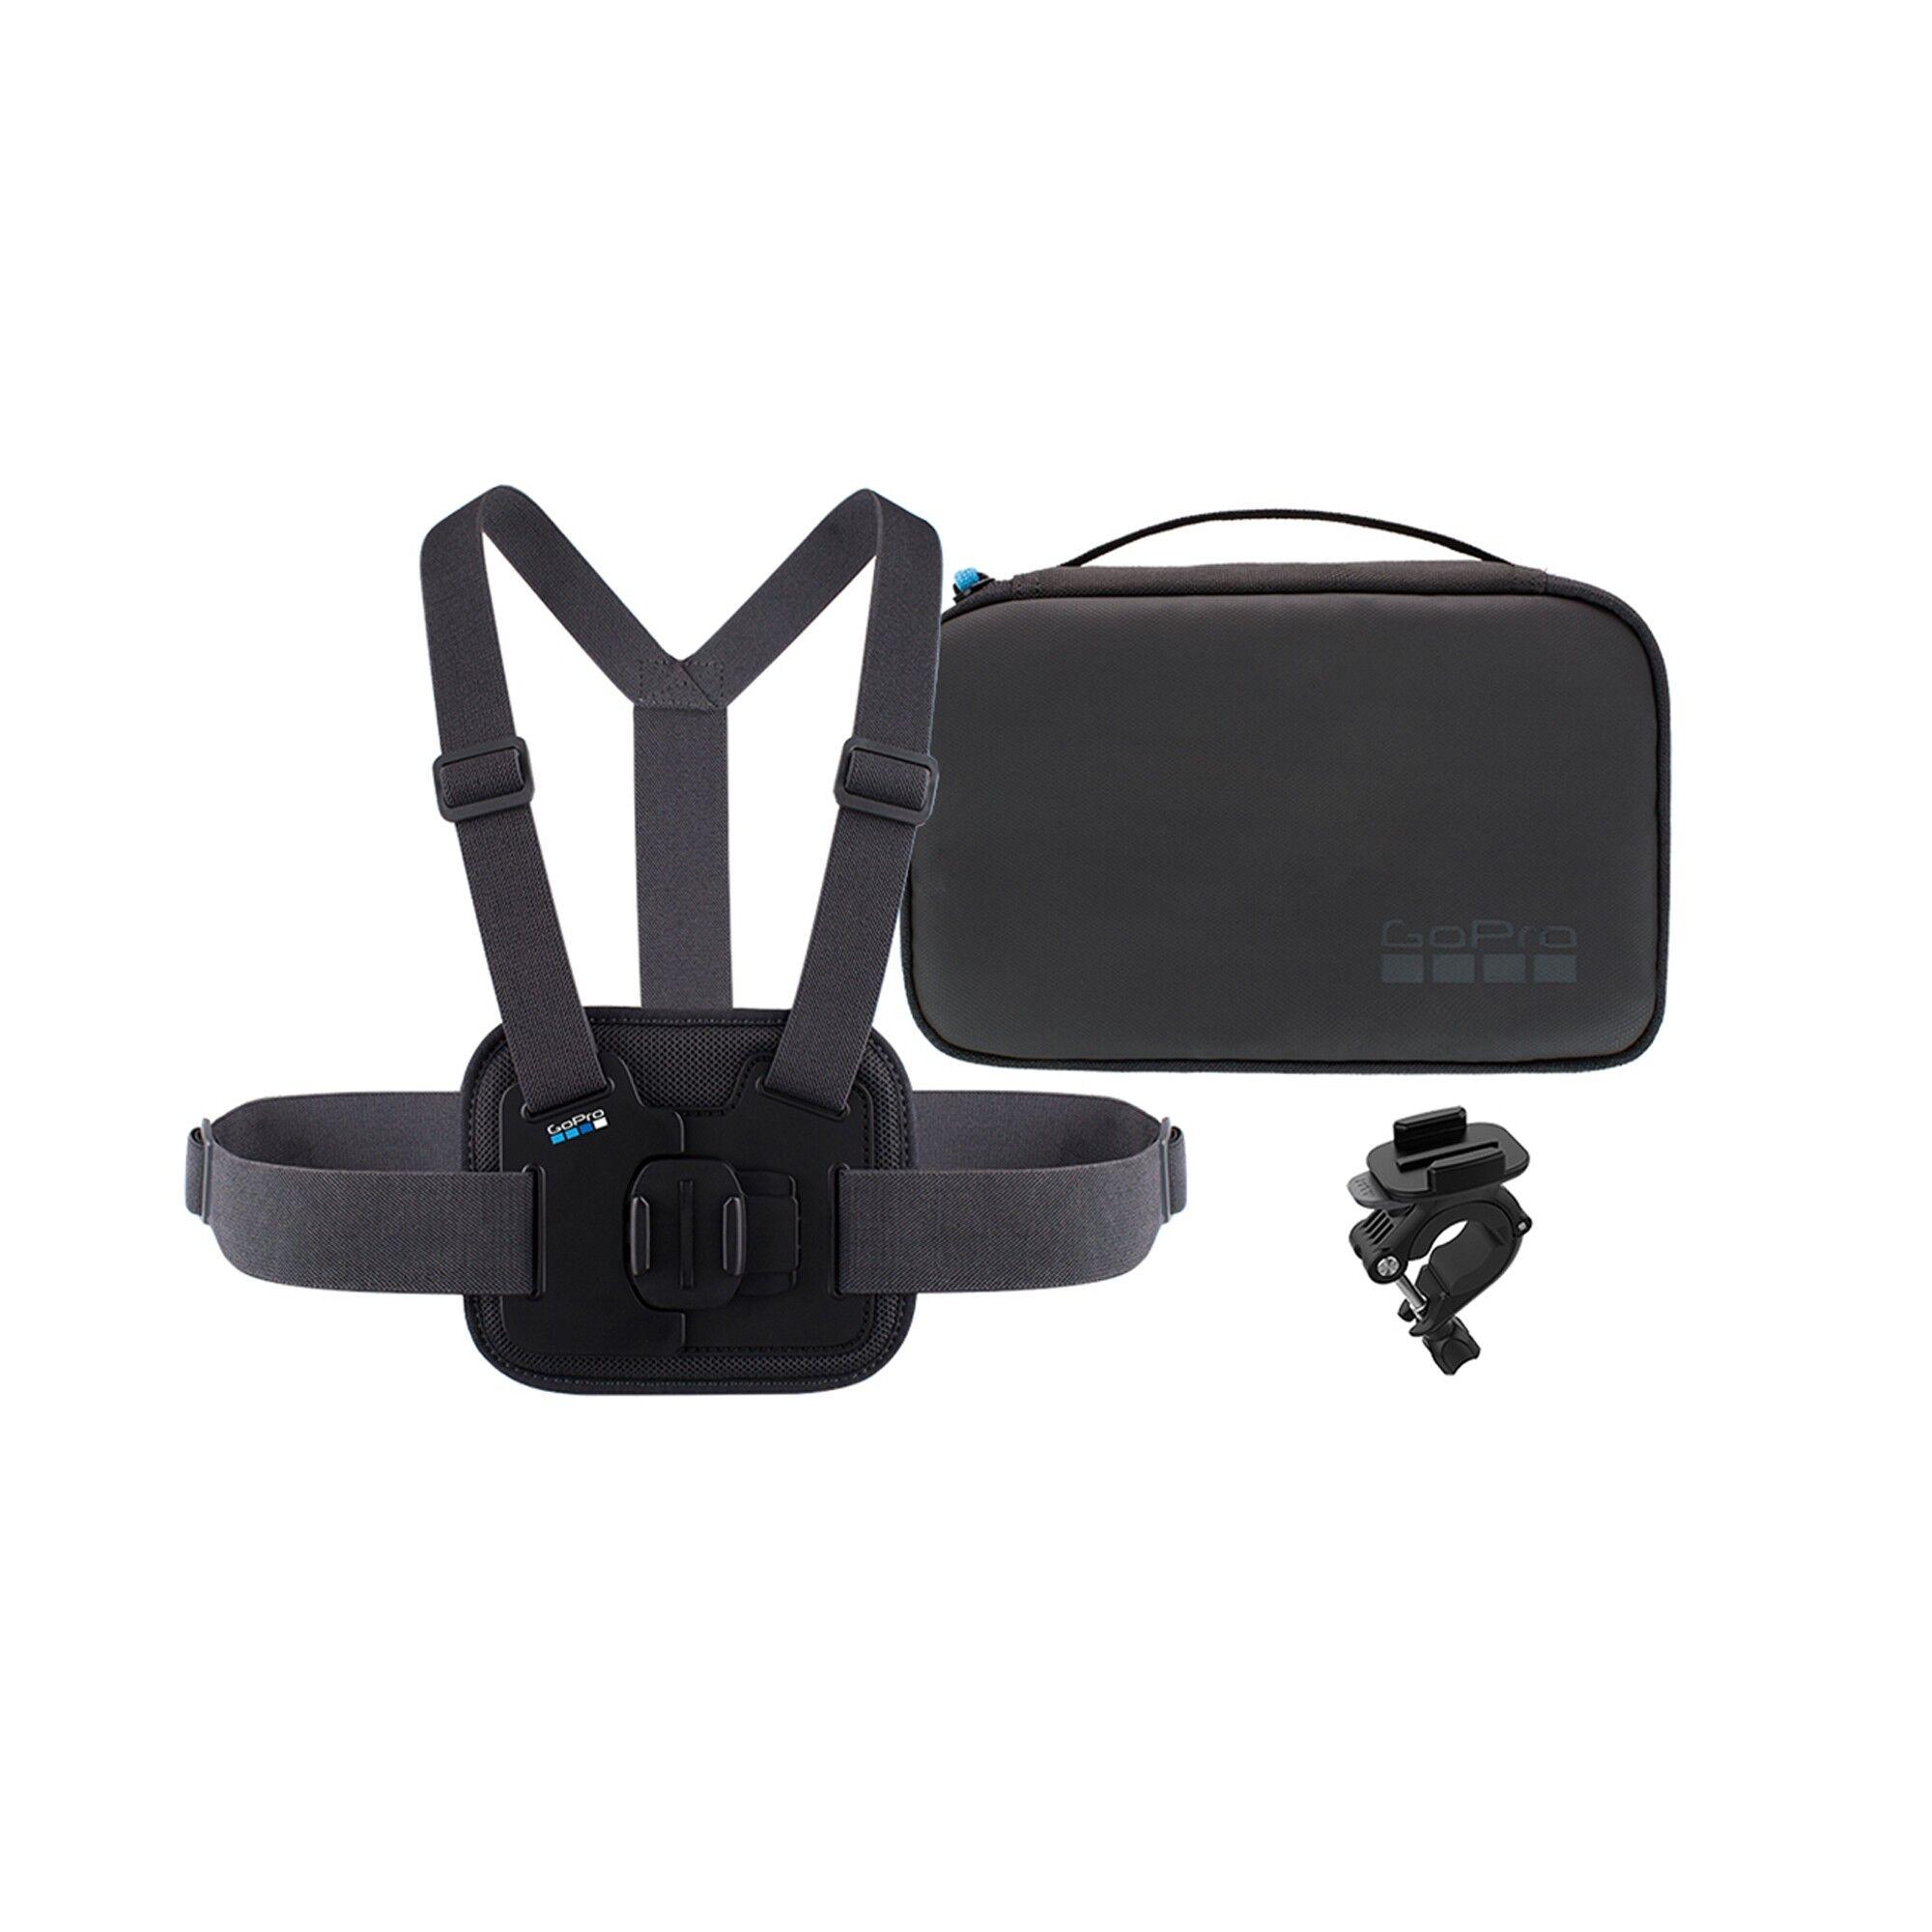 Sports Kit, tilbehørssett til kamera STD